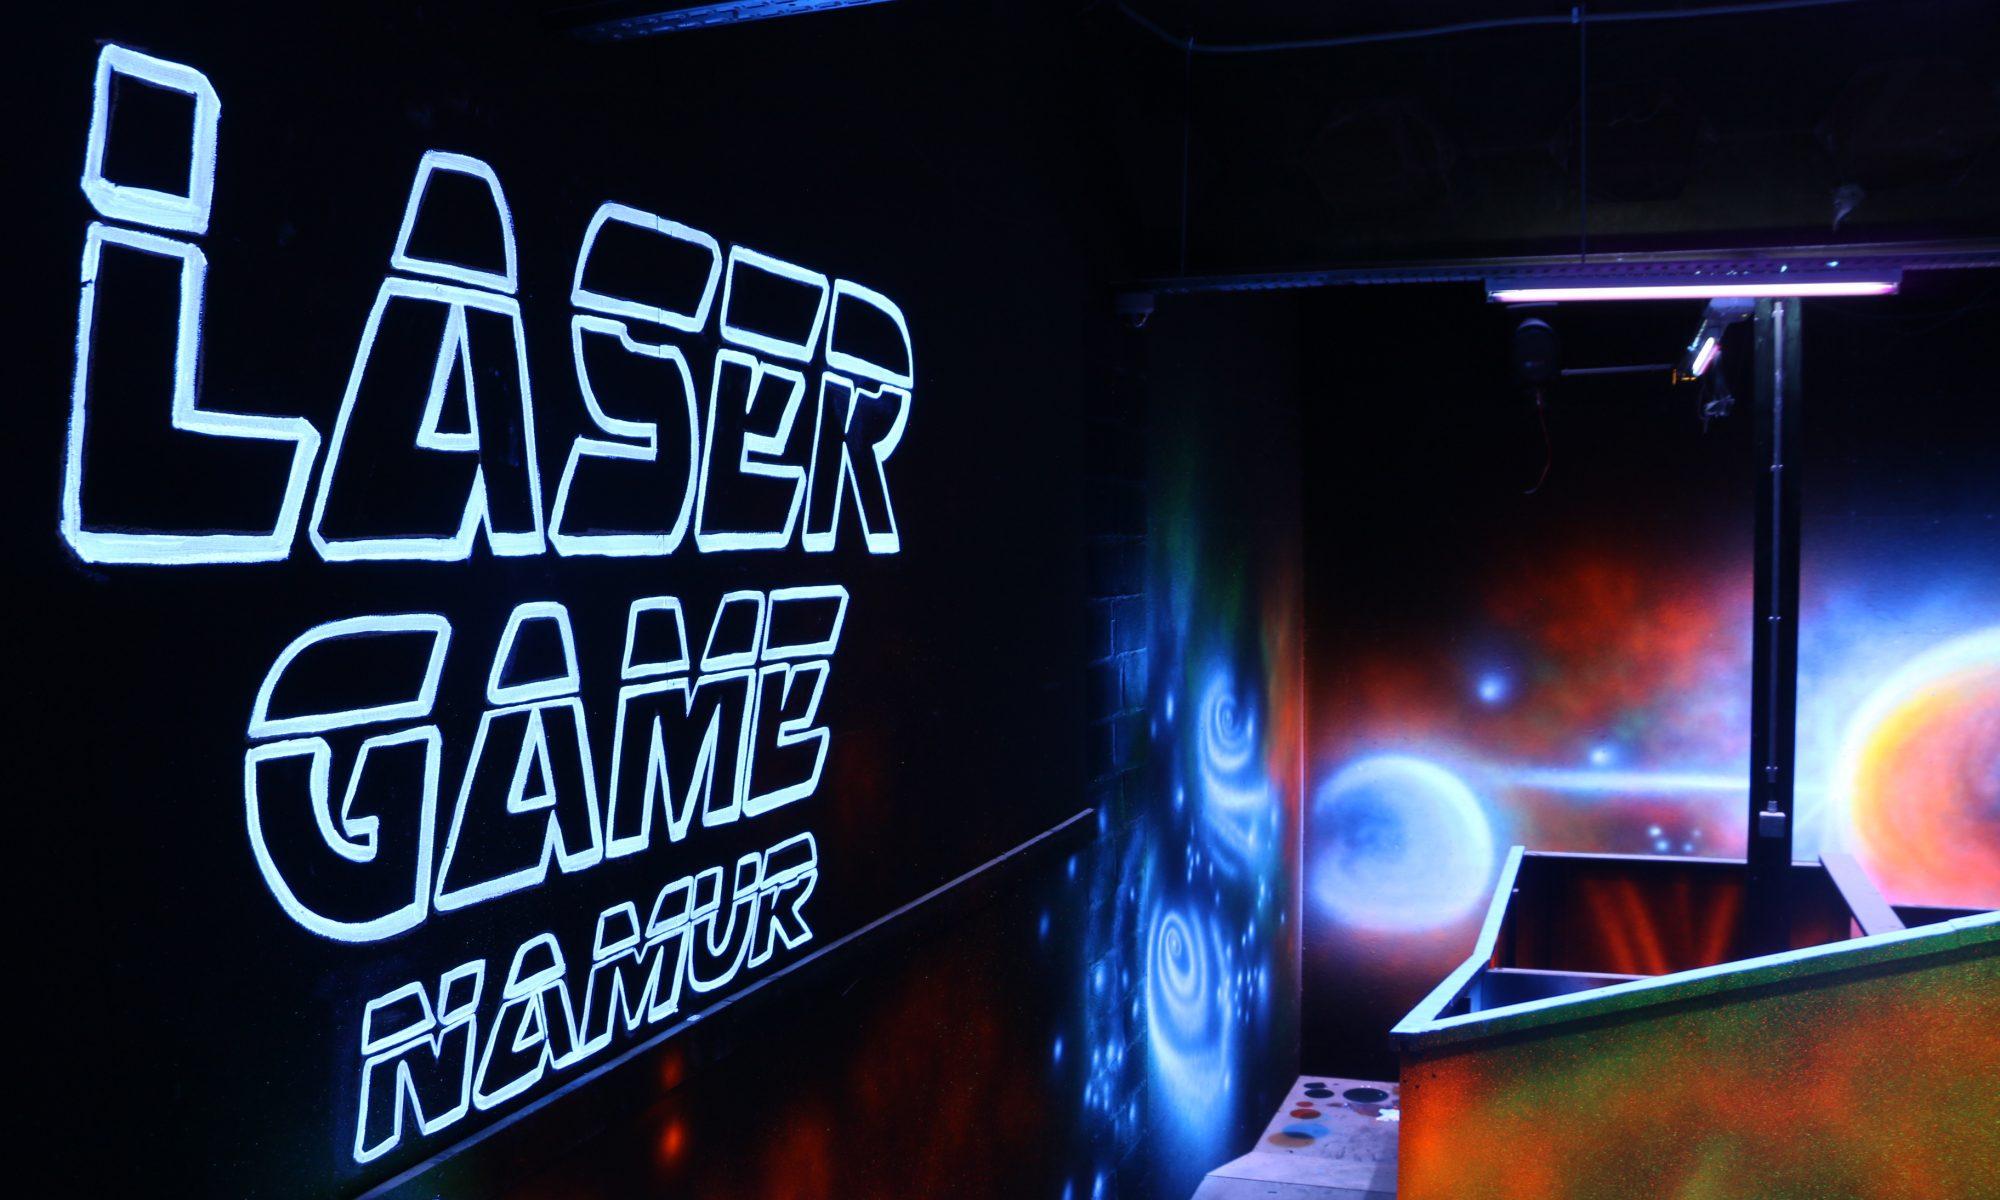 Laser Game Namur